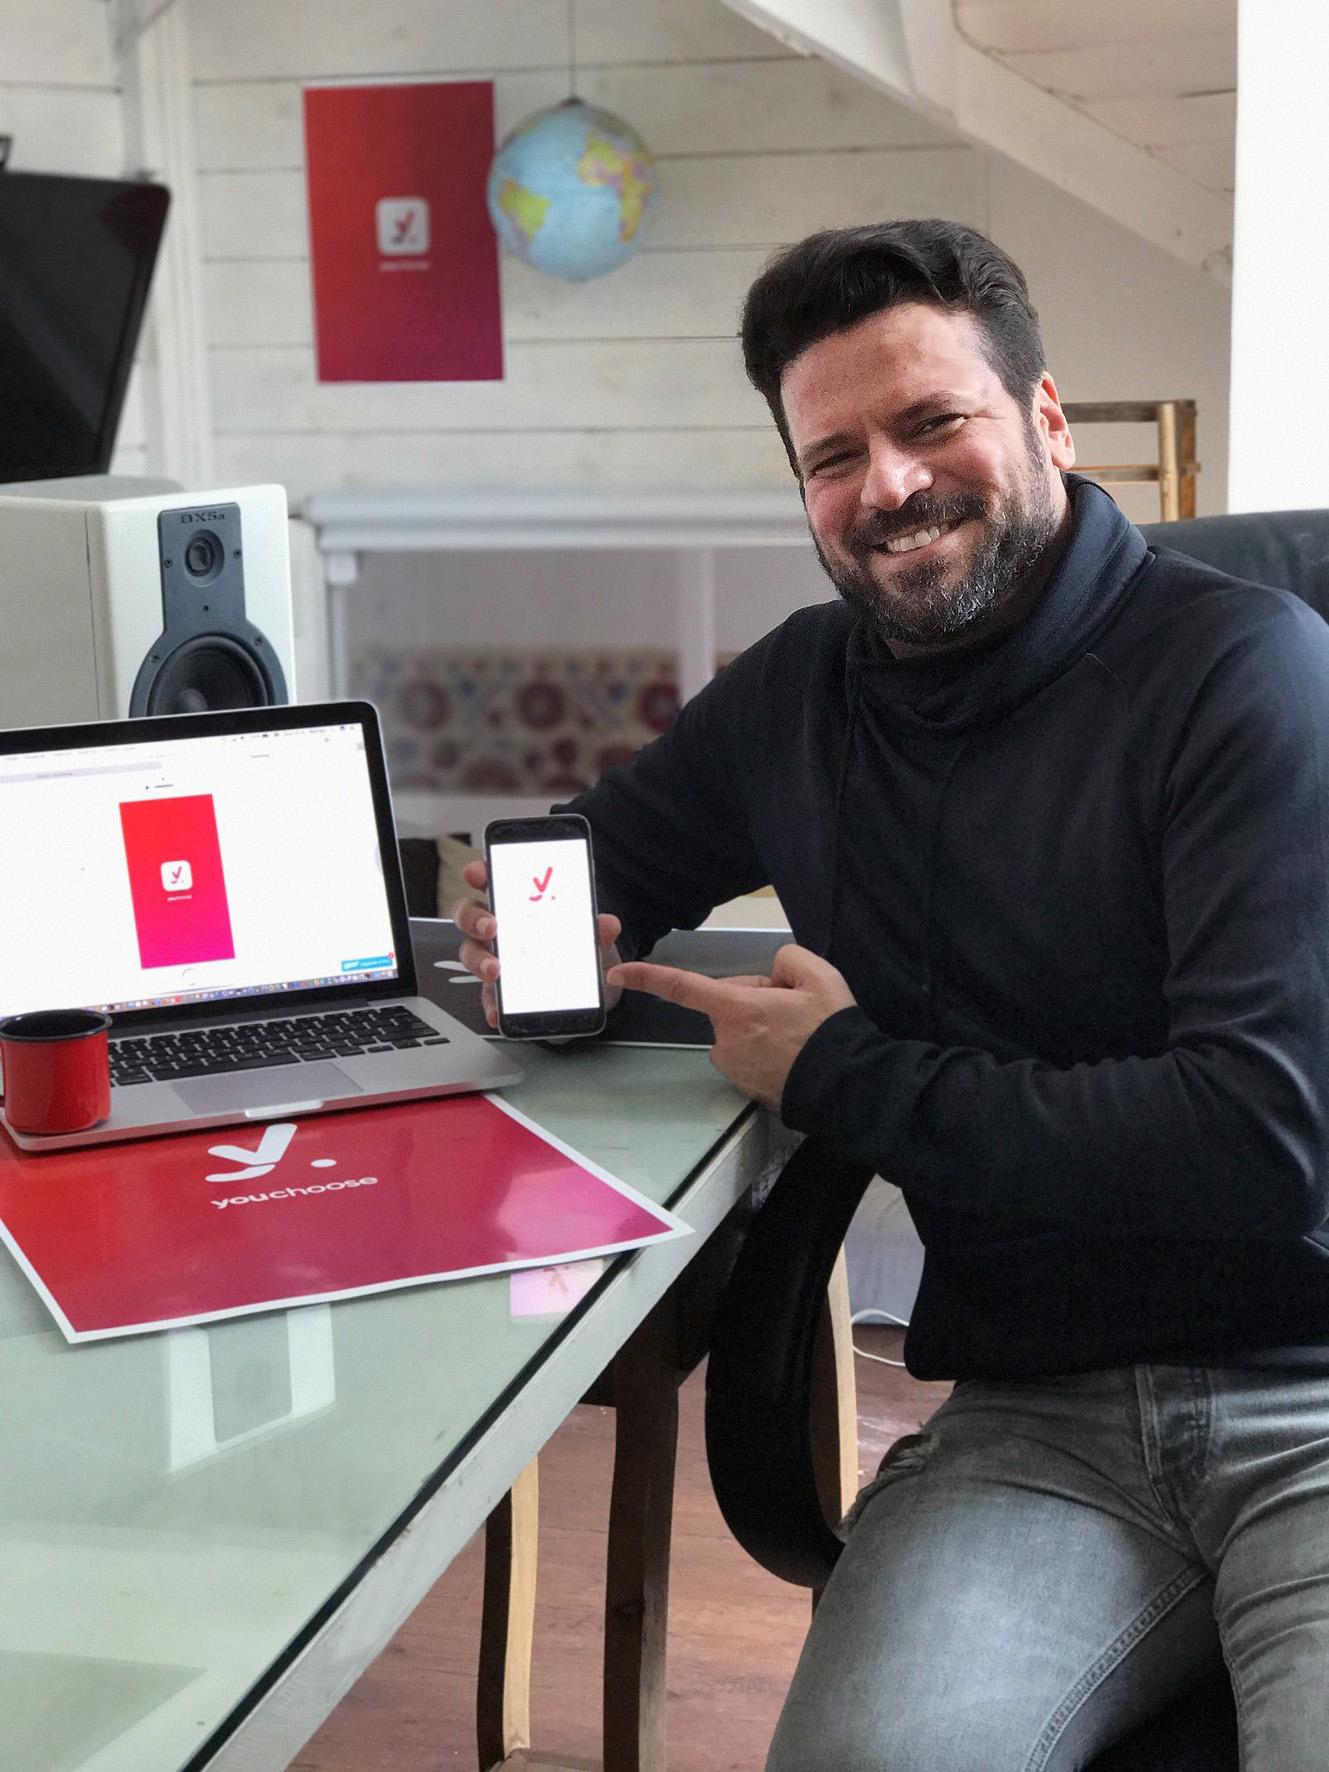 Curitibano lança aplicativo que permite criar enquetes nas redes sociais